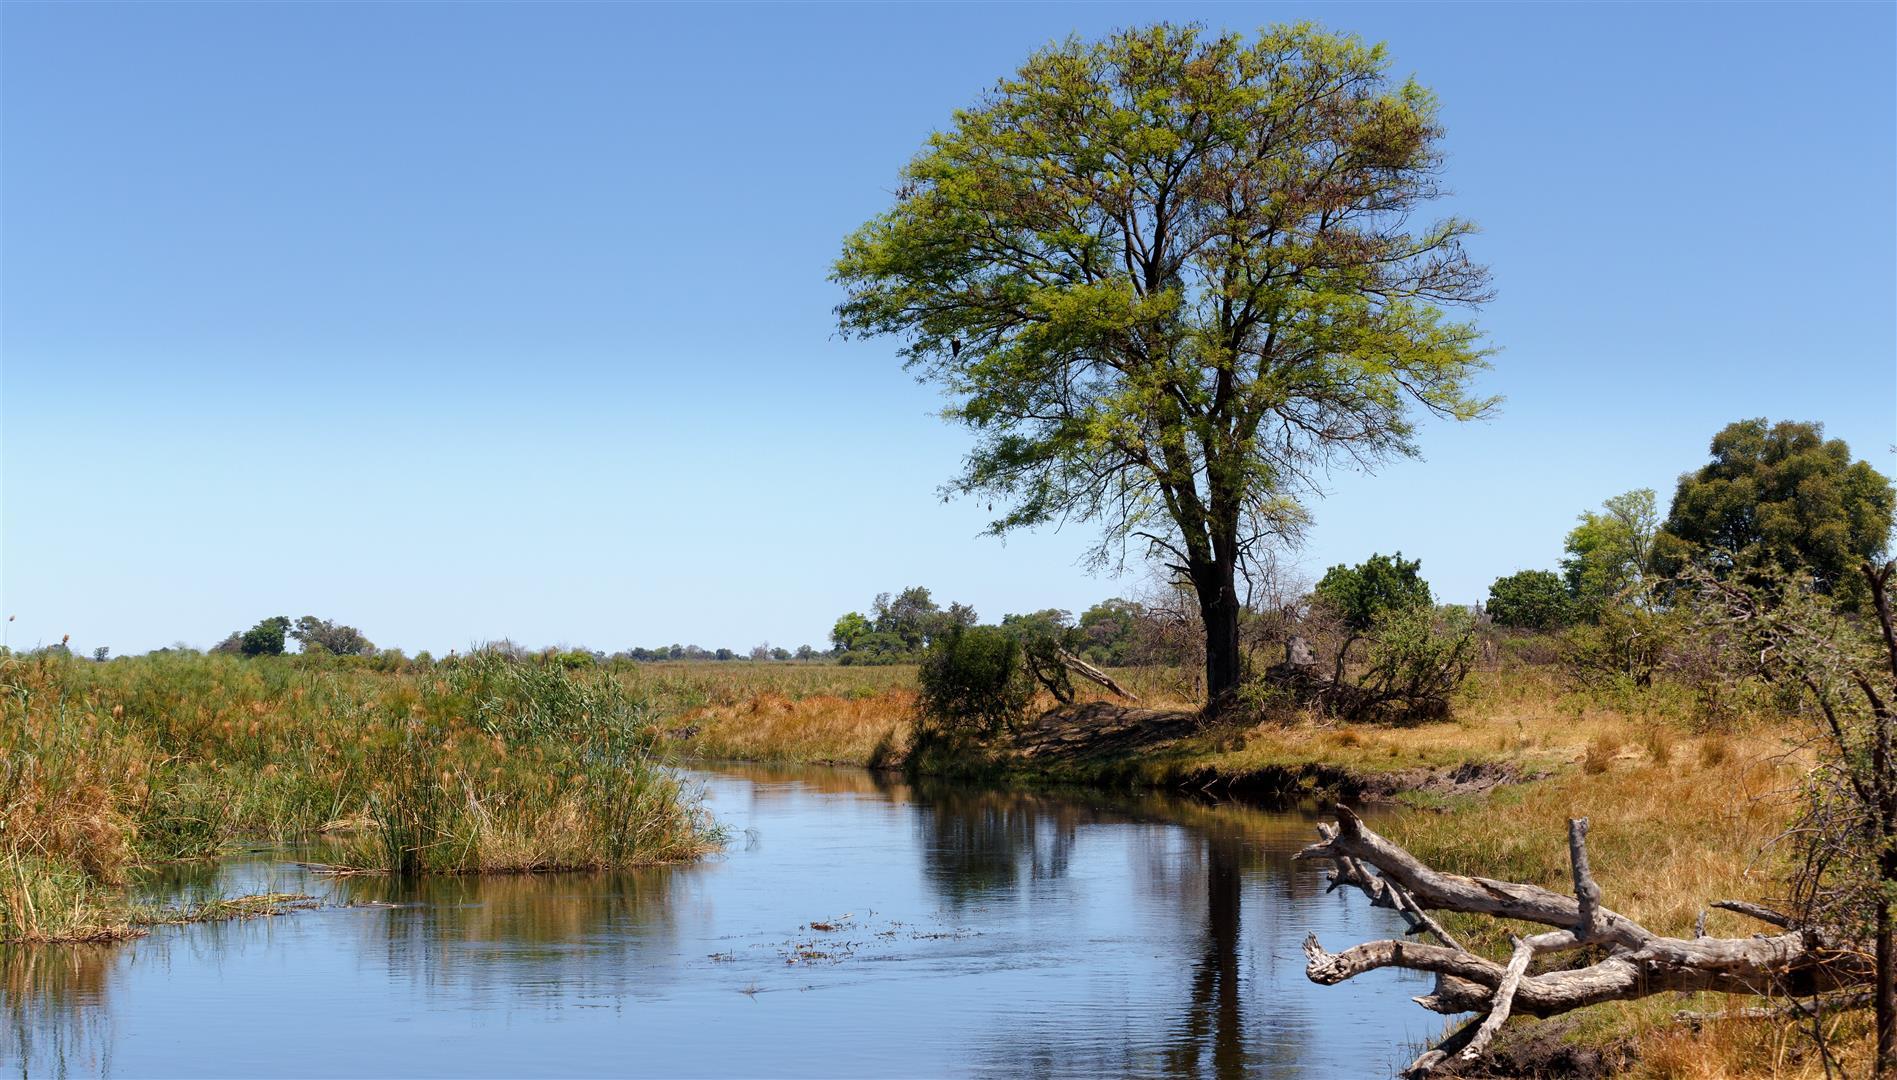 Paysages et verdure bordant la rivière à Caprivi en Namibie